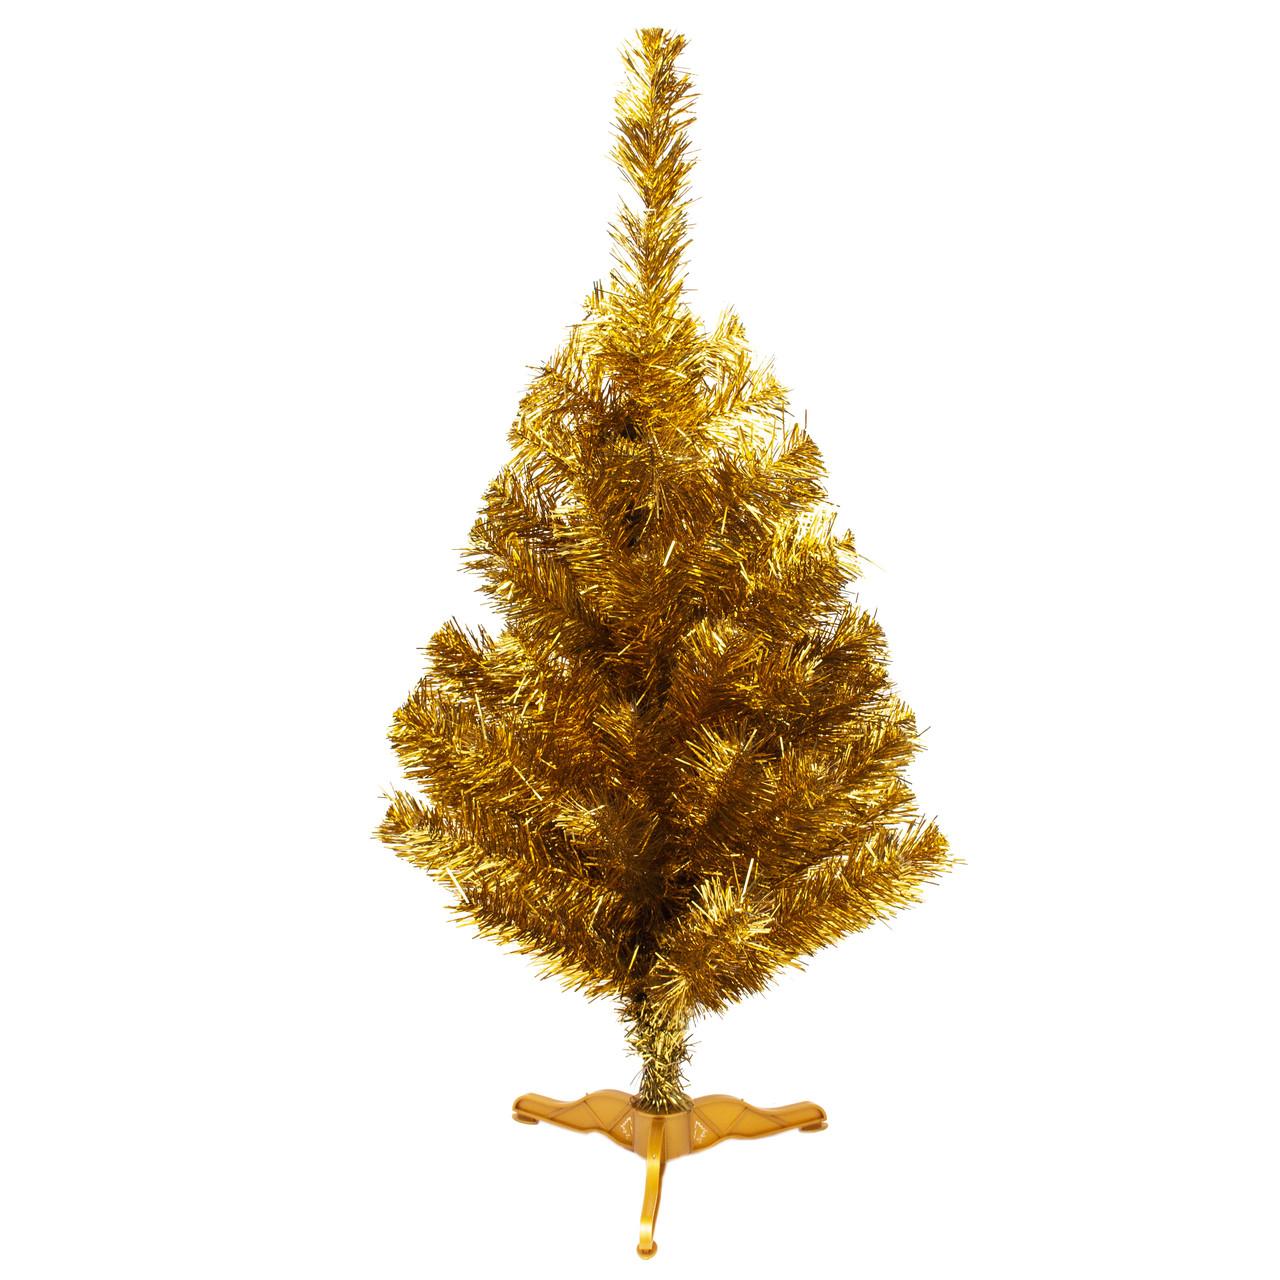 Ялинка штучна новорічна 90 см, золотистий, густа, ПВХ (МАГ-90/3)